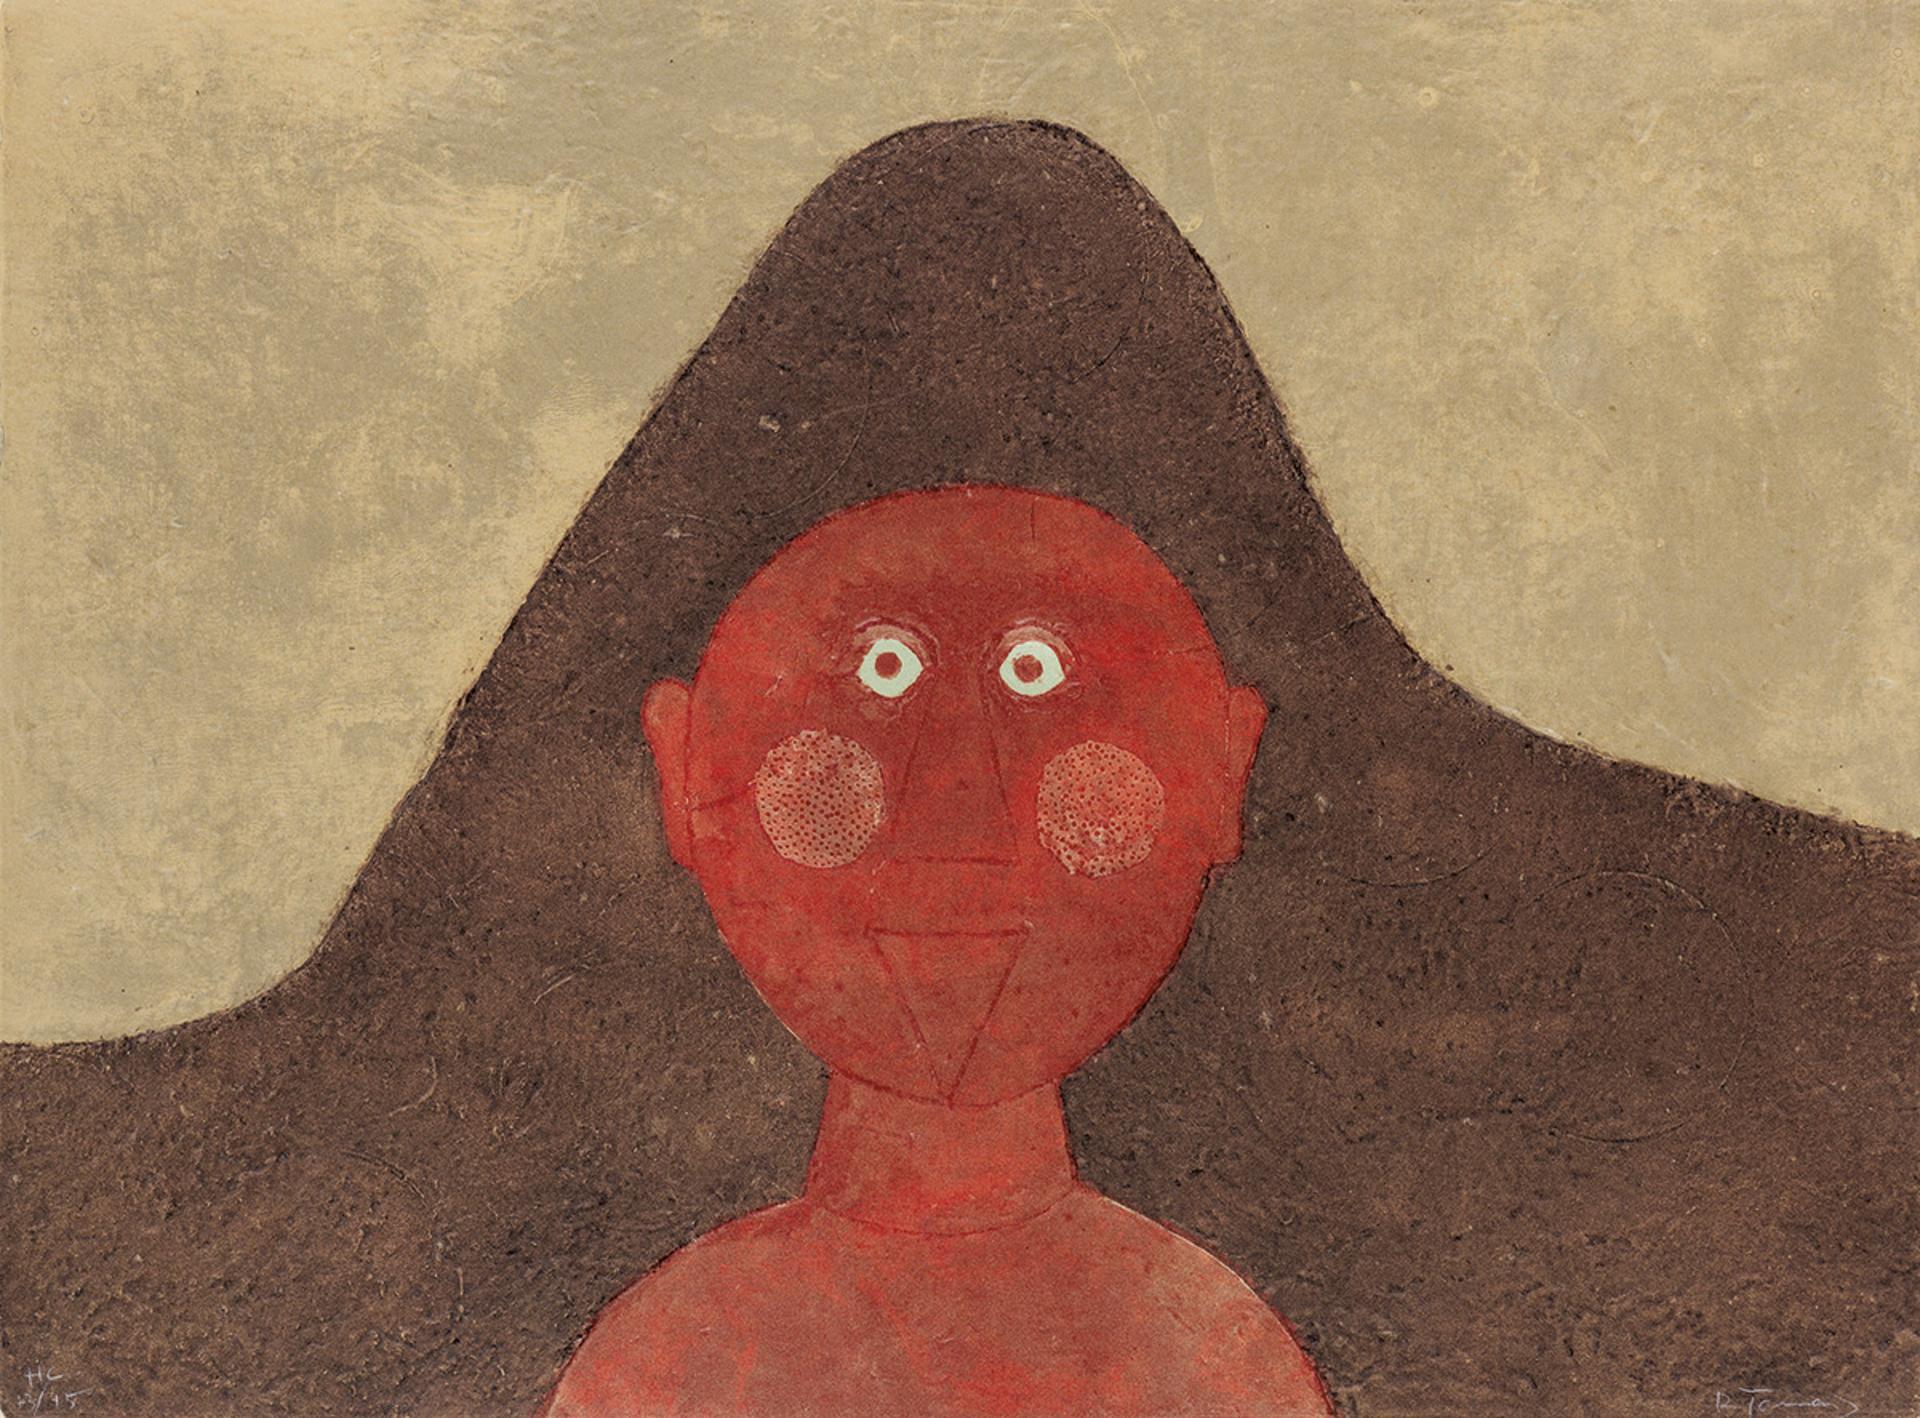 Cabeza en Rojo HC by Rufino Tamayo (1899 - 1991)